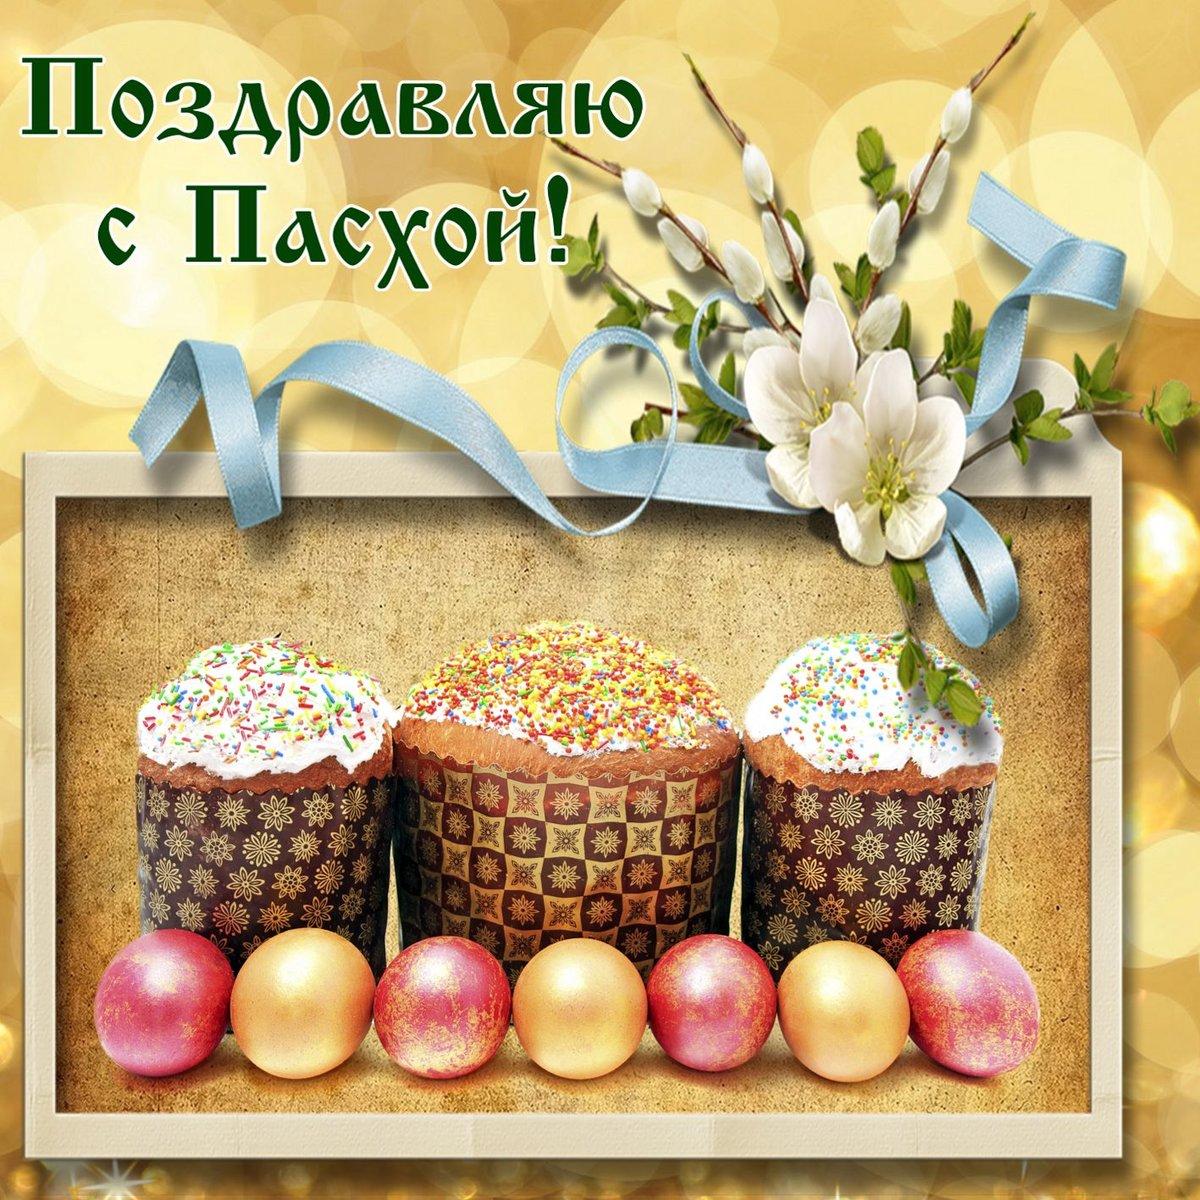 Фото пасхи открытка